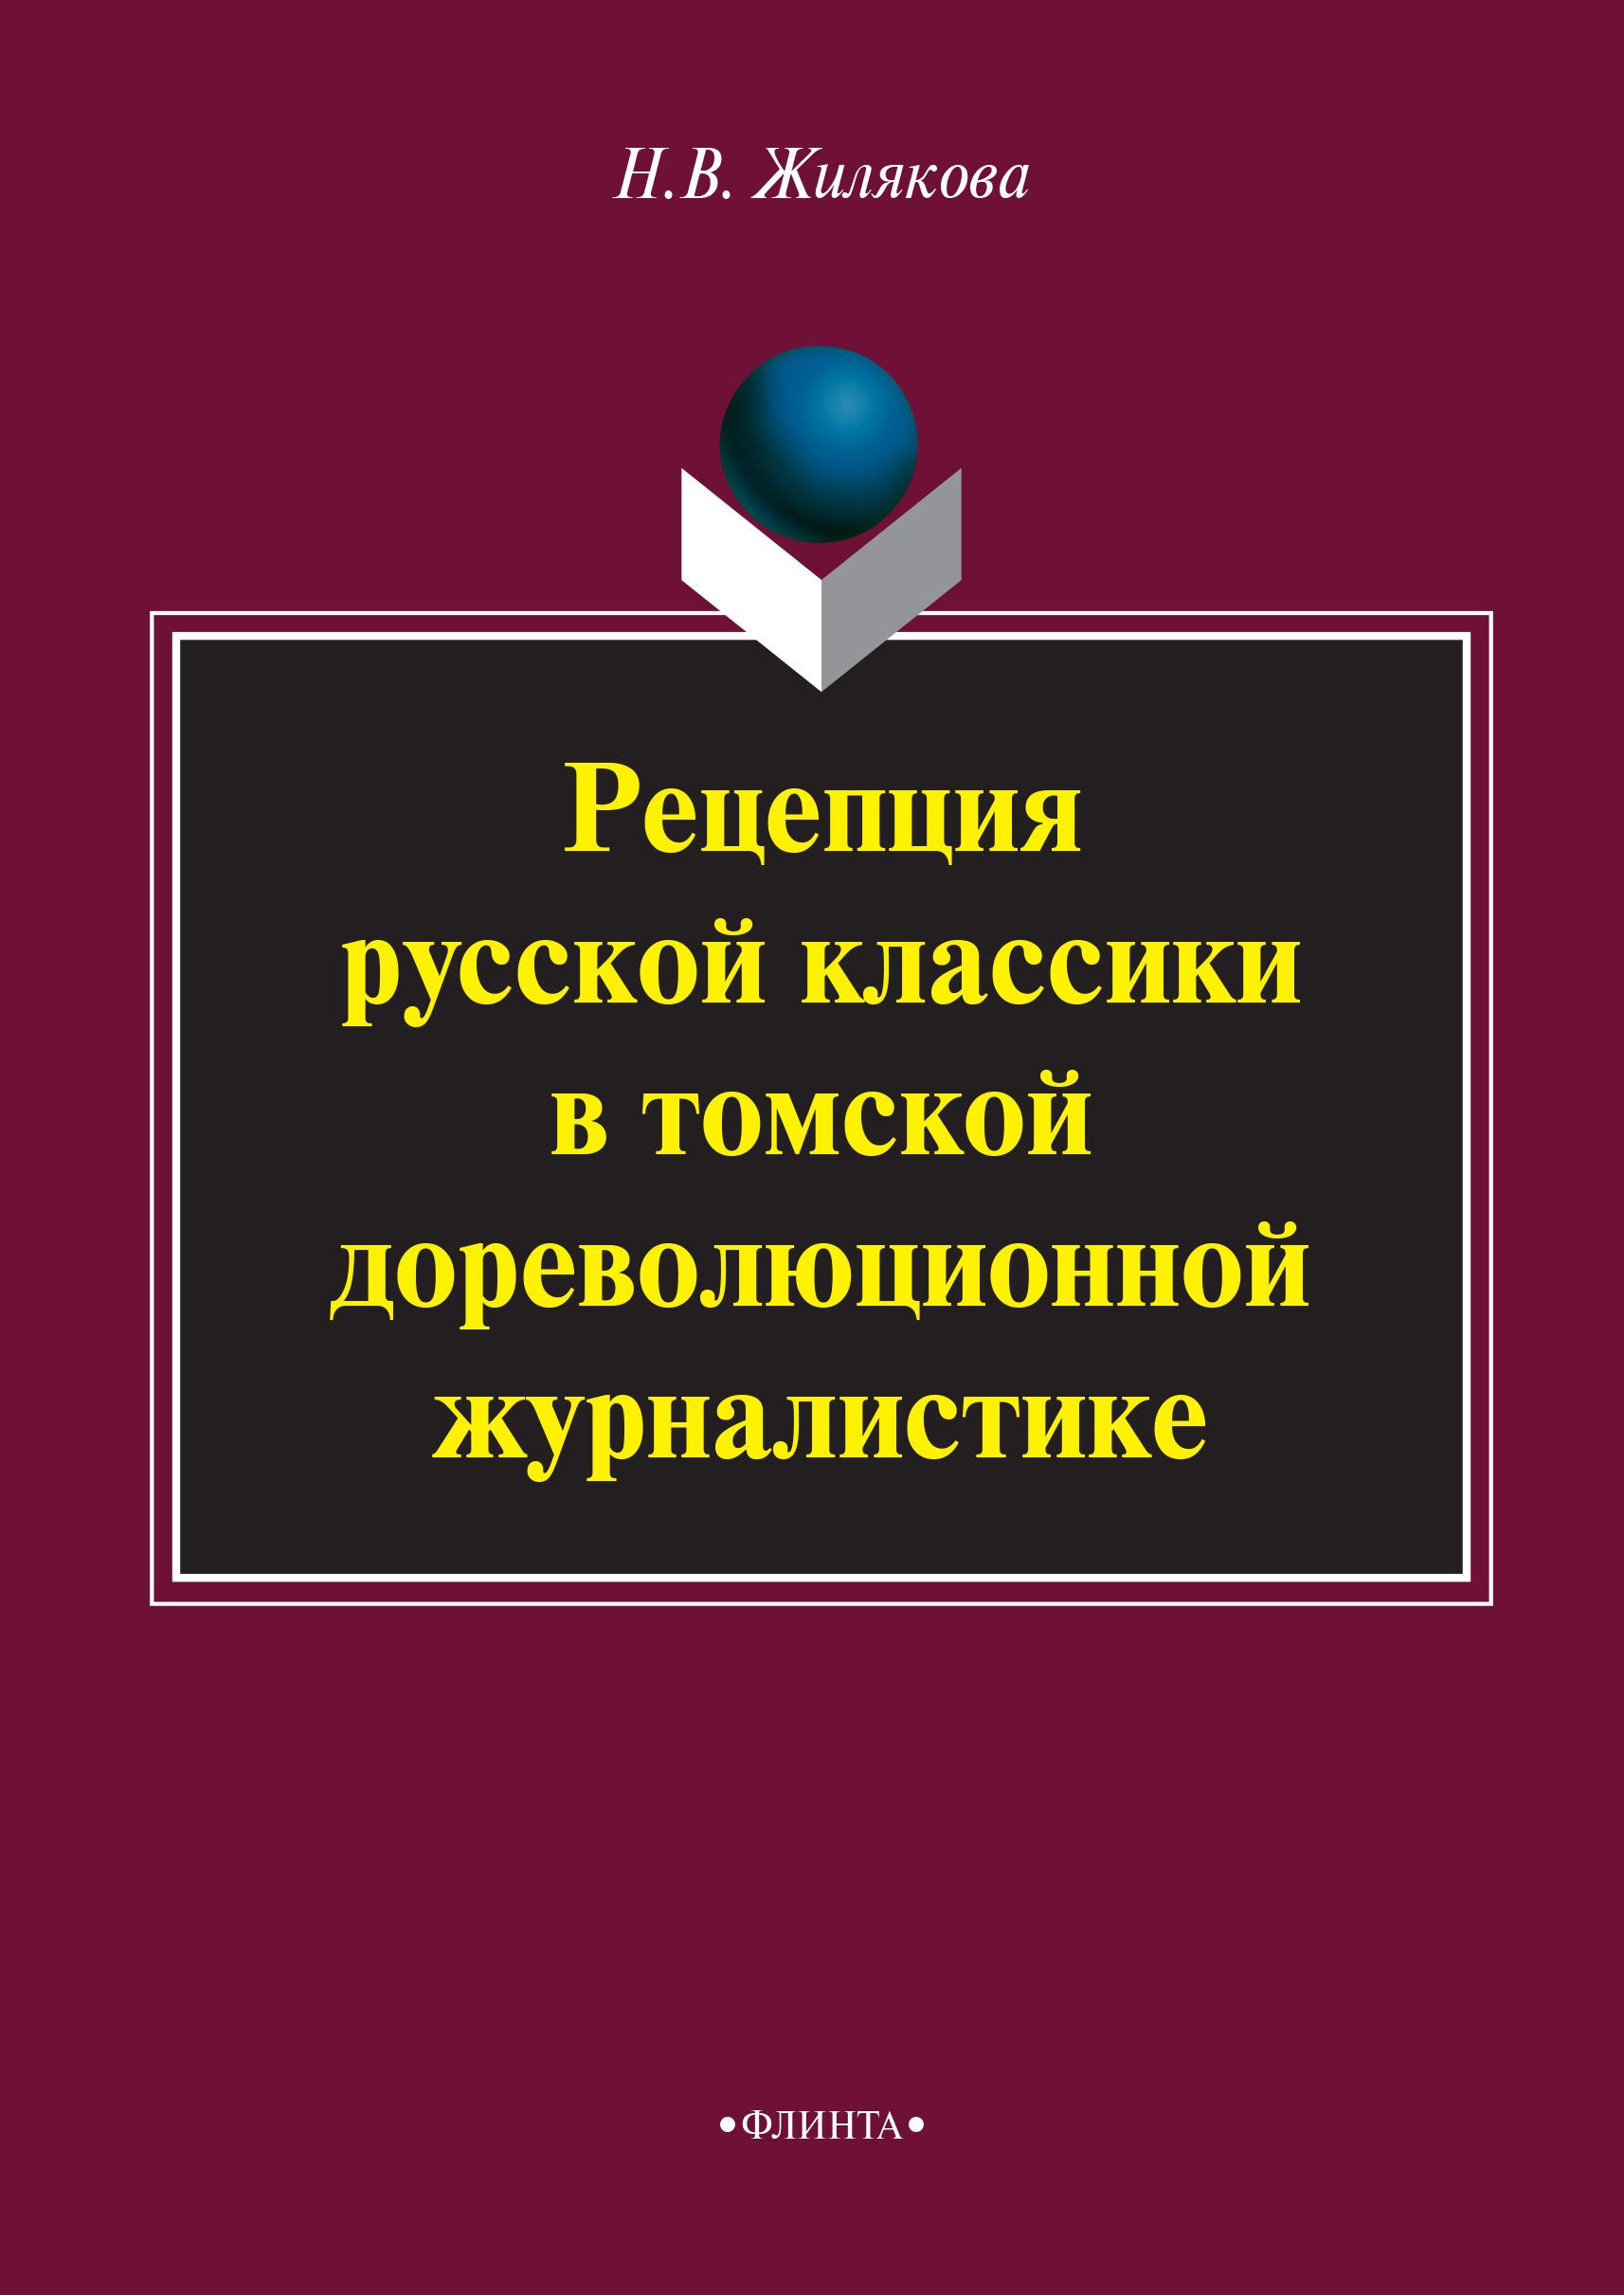 Н. В. Жилякова Рецепция русской классики в томской дореволюционной журналистике